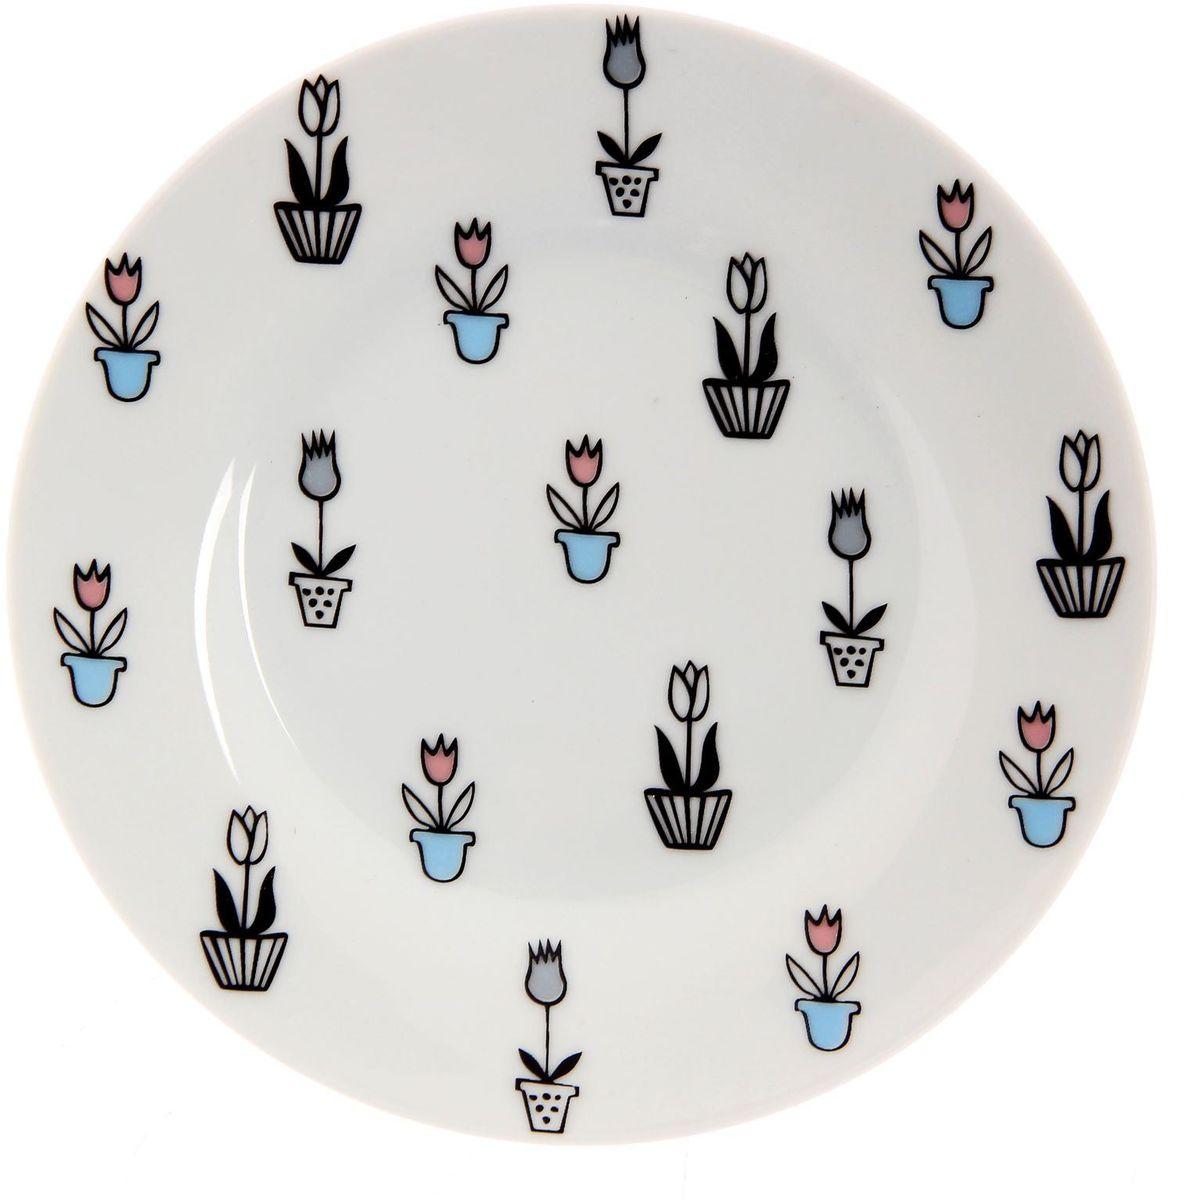 Тарелка мелкая Сотвори чудо Тюльпаны, диаметр 15,5 см115510Хотите обновить интерьер кухни или гостиной? Устраиваете необычную фотосессию или тематический праздник? А может, просто ищете подарок для близкого человека? Посуда Сотвори Чудо — правильный выбор в любой ситуации. Тарелка Сотвори Чудо, изготовленная из изящного фаянса нежного сливочного цвета, оформлена оригинальным рисунком со стойкой краской. Пригодна для посудомоечной машины.